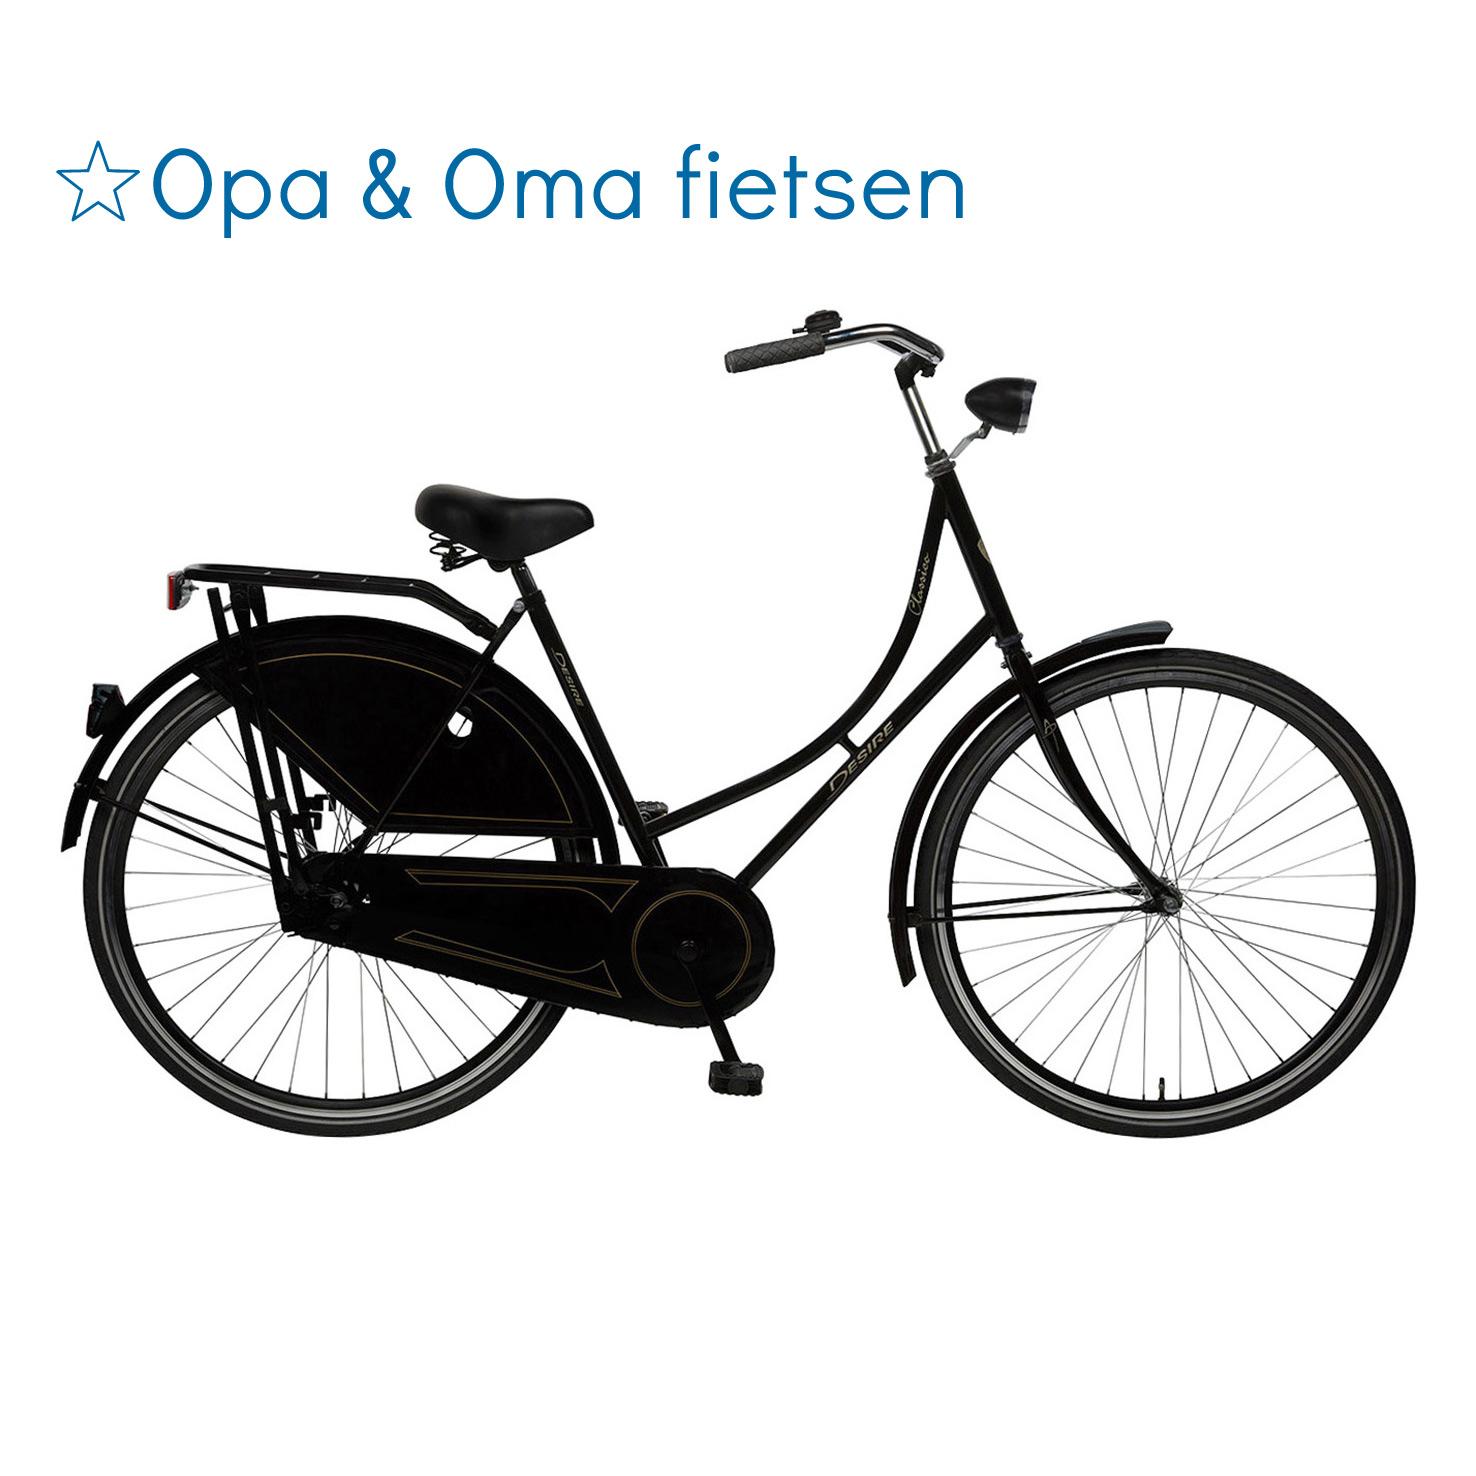 Opa & Oma fietsen